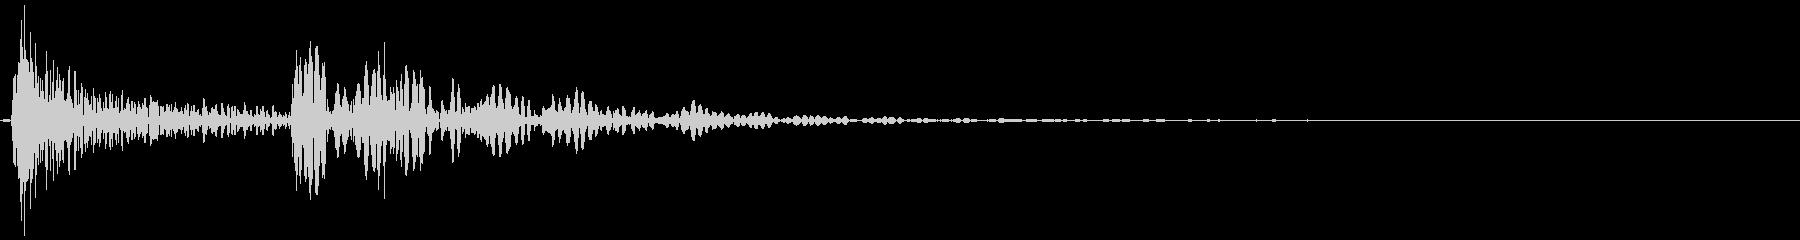 〖野球〗木製バットを落とす/転がす01の未再生の波形